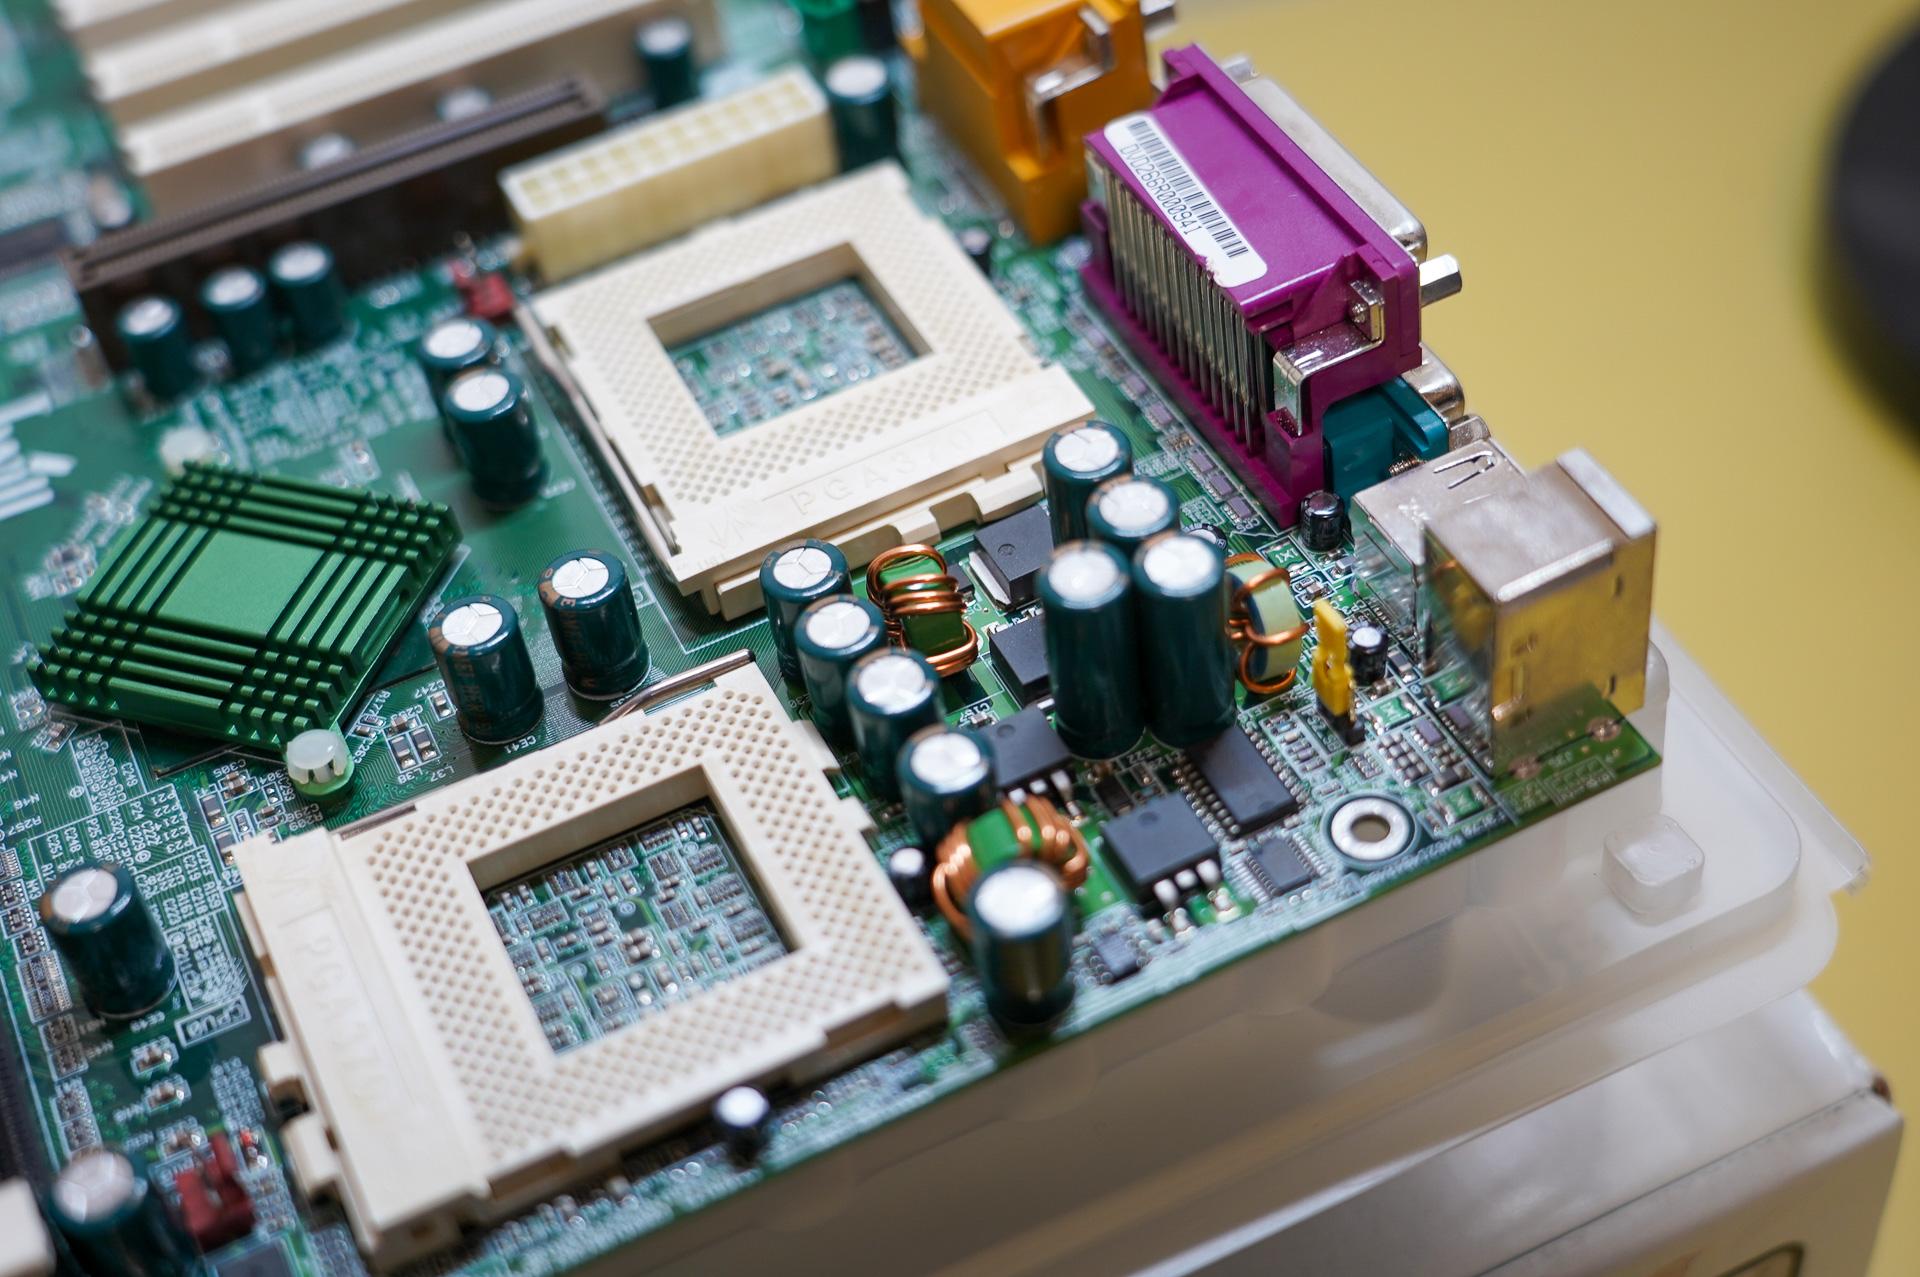 CPUのVRM(電圧変換モジュール)。今風に言えば4フェーズというところだろうか